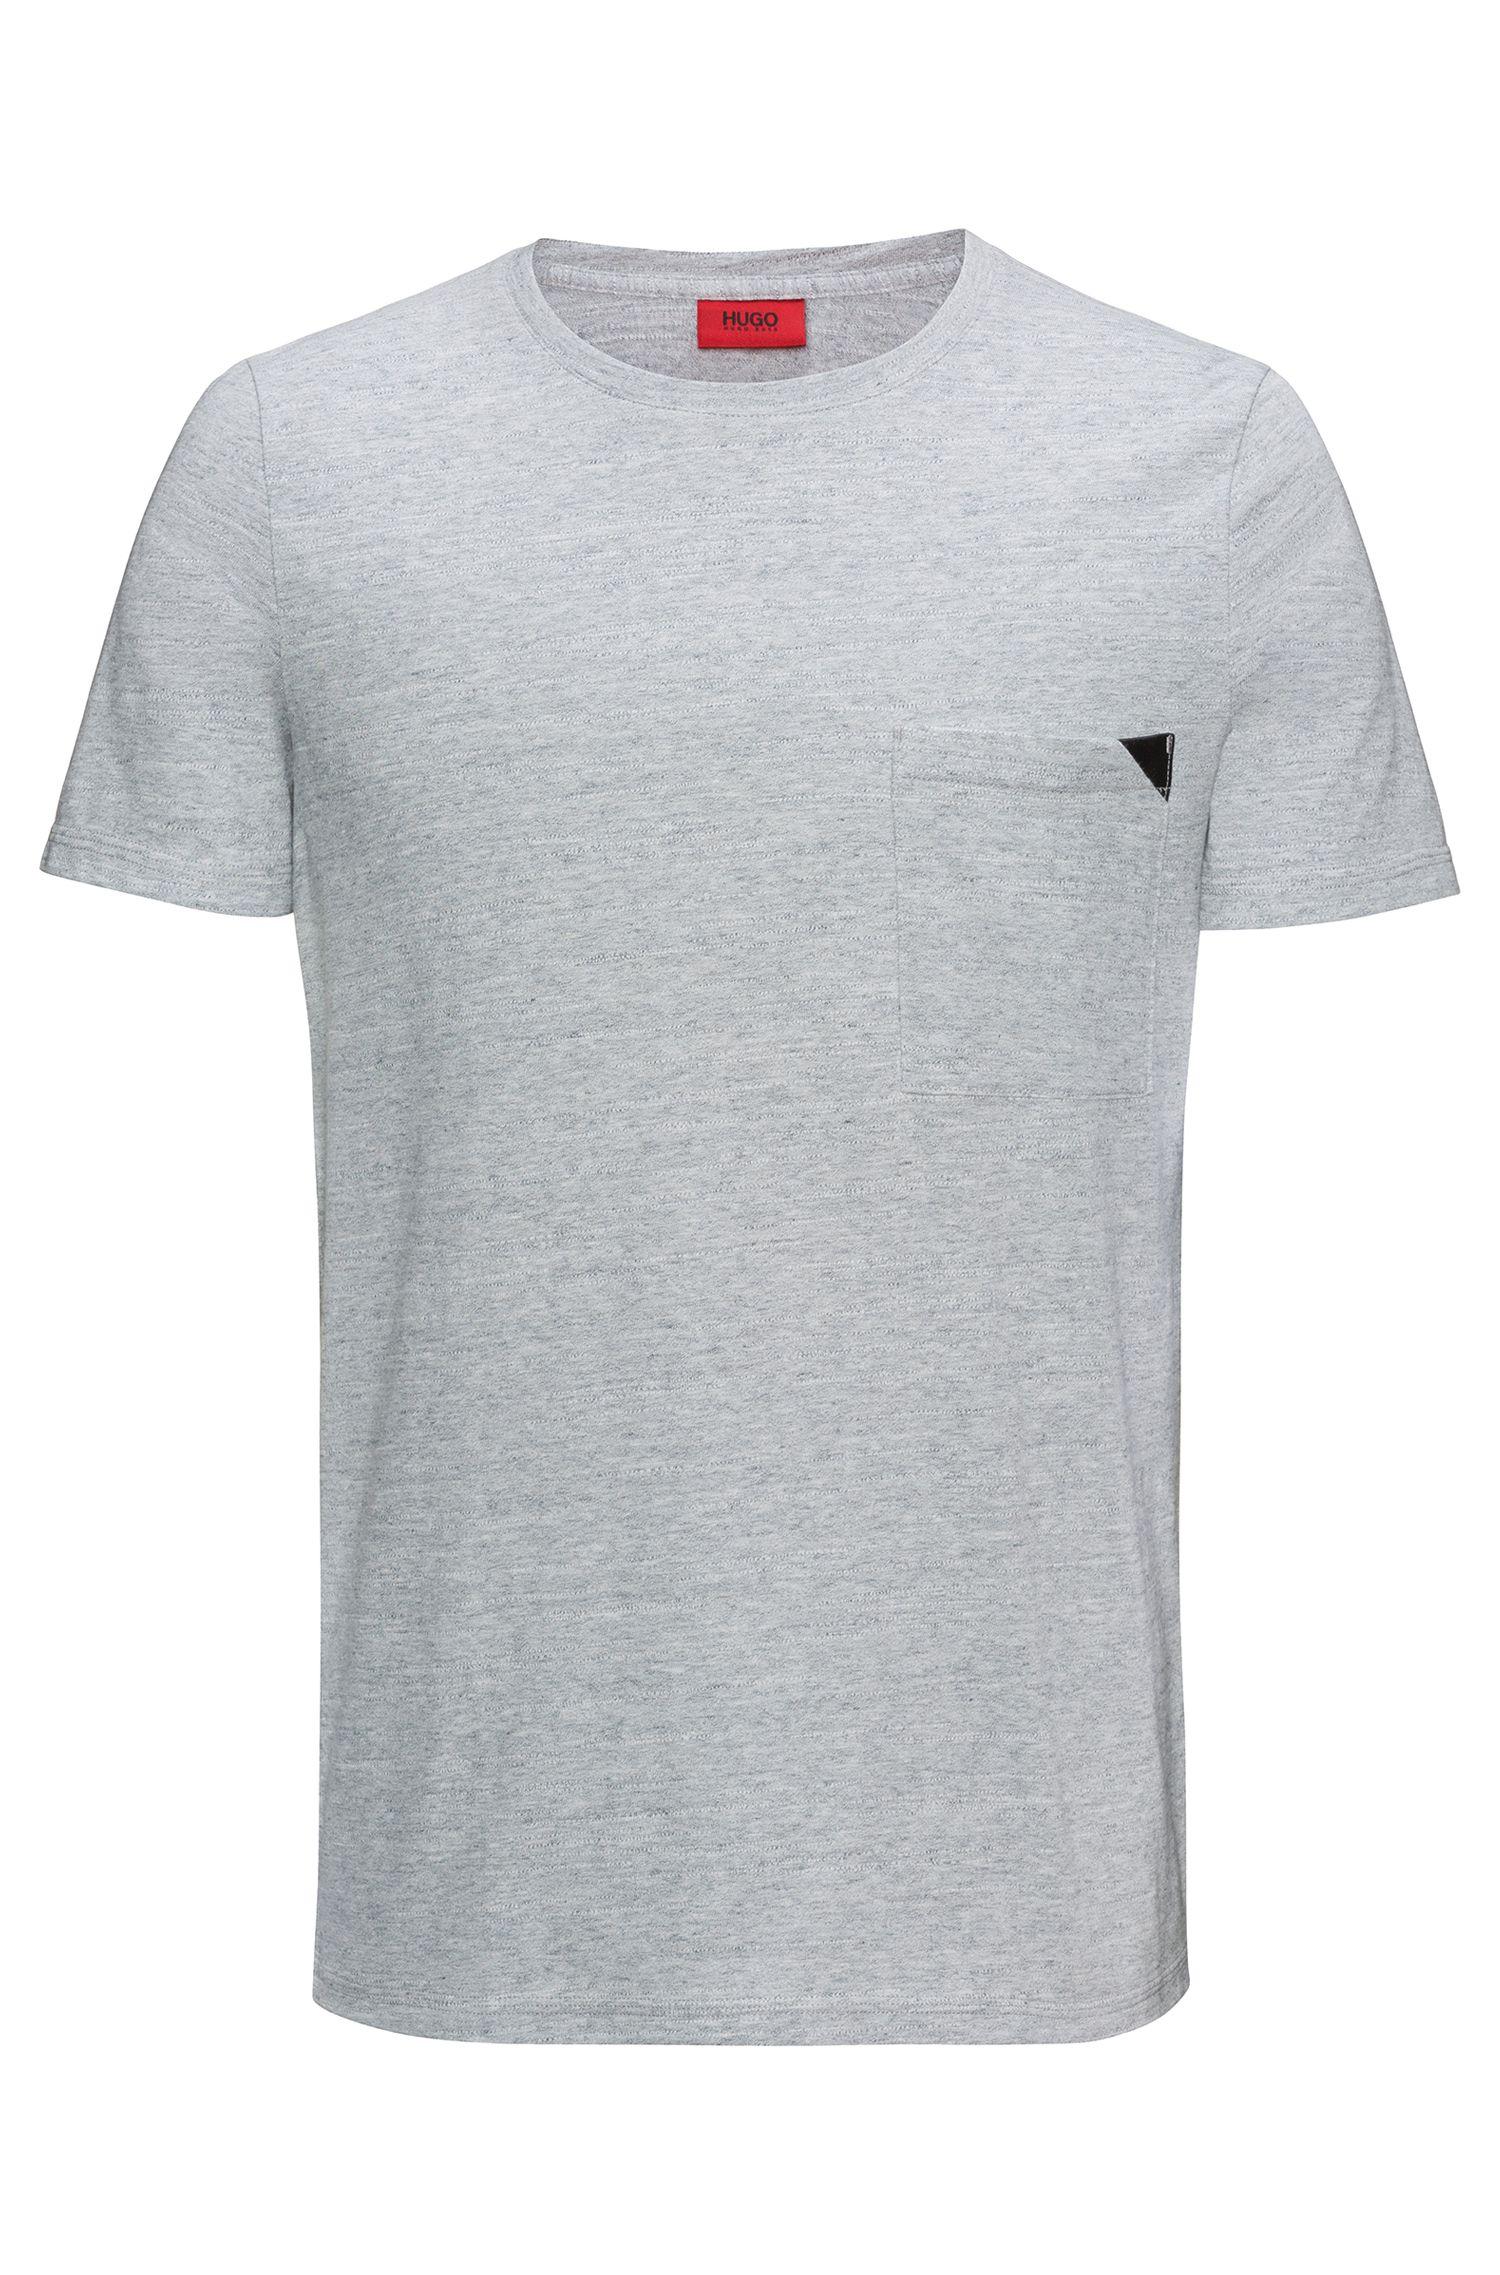 Faux Leather-Trim Cotton T-Shirt | Dohnny